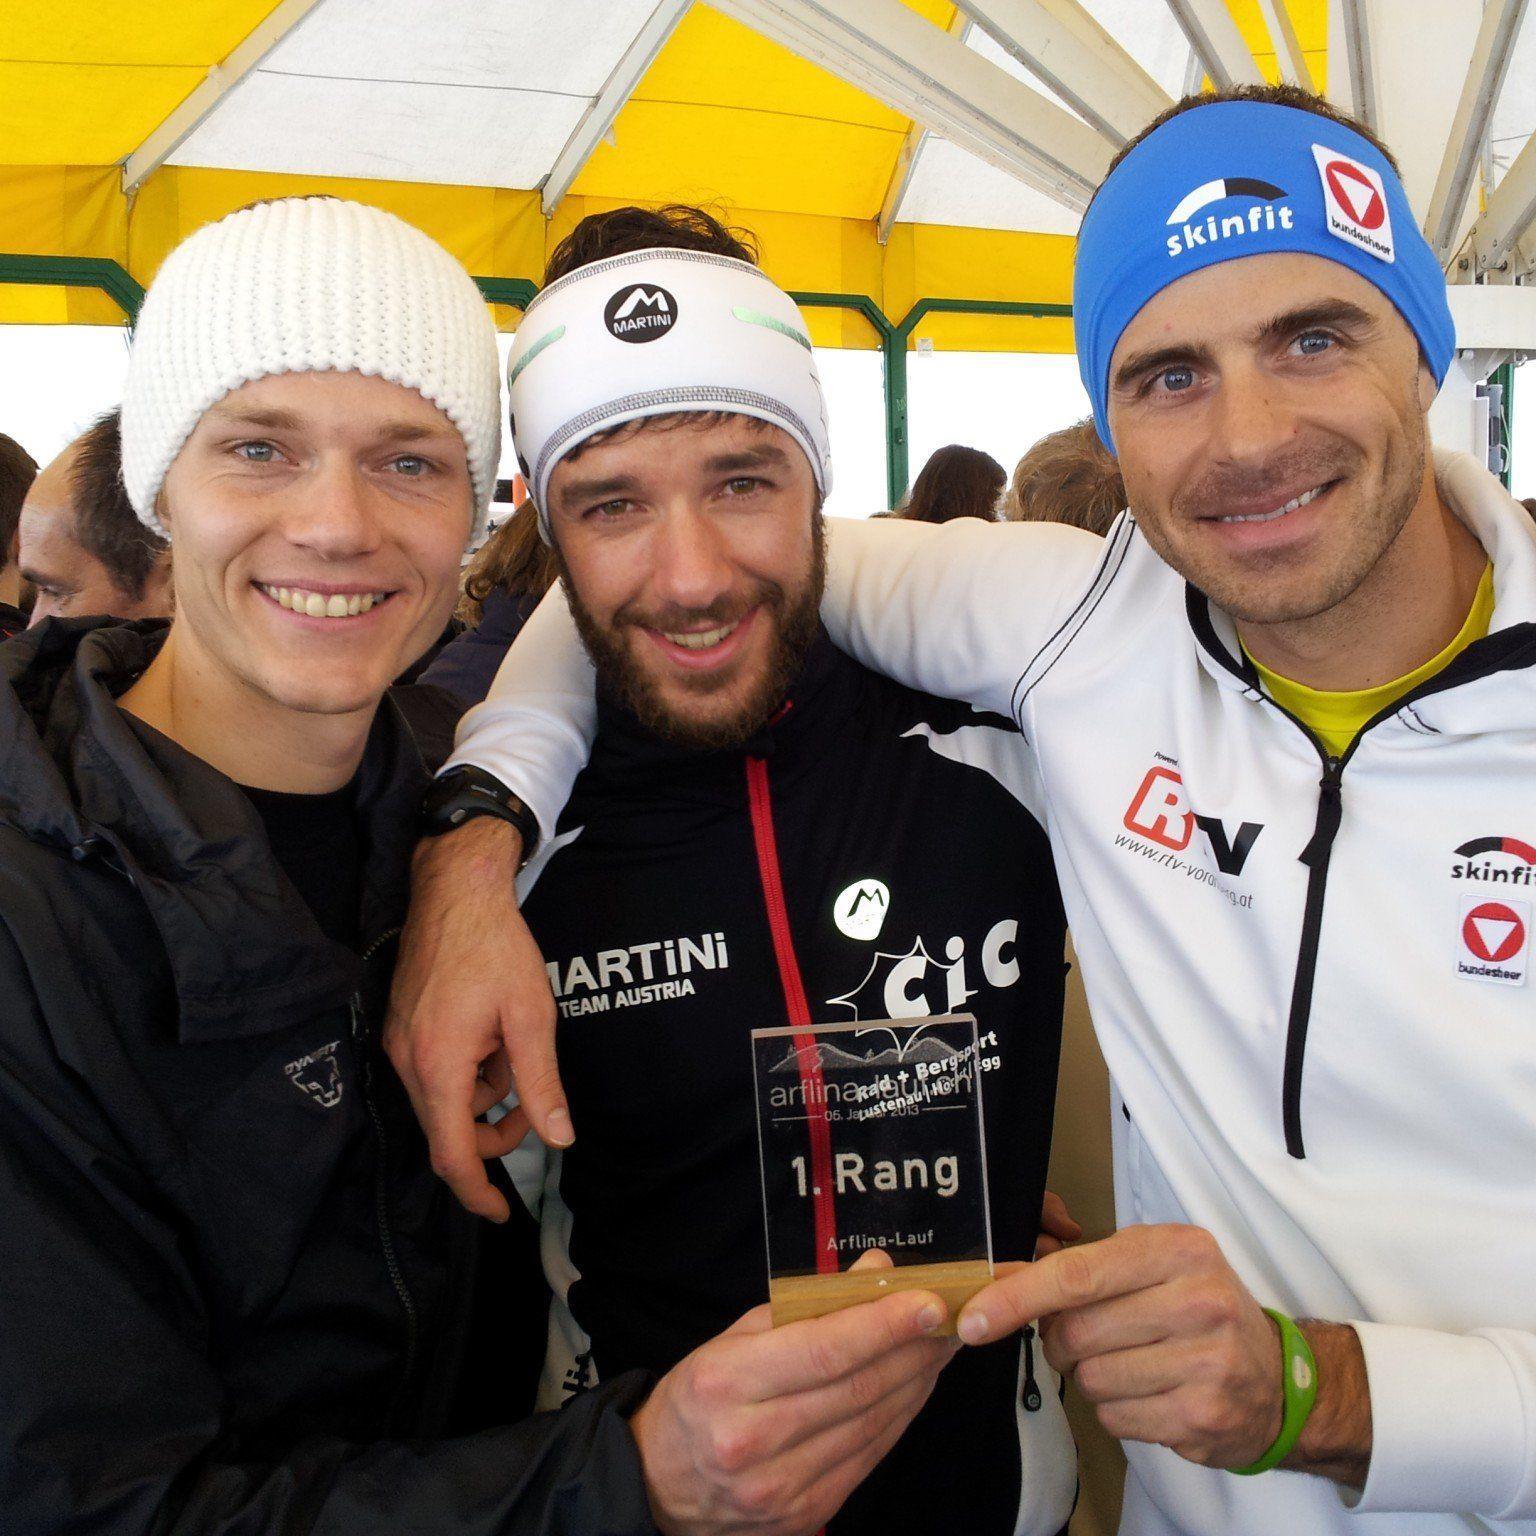 Das Skibergsteigen Trio Hämmerle, Graf und Innerhofer sind auch dabei.